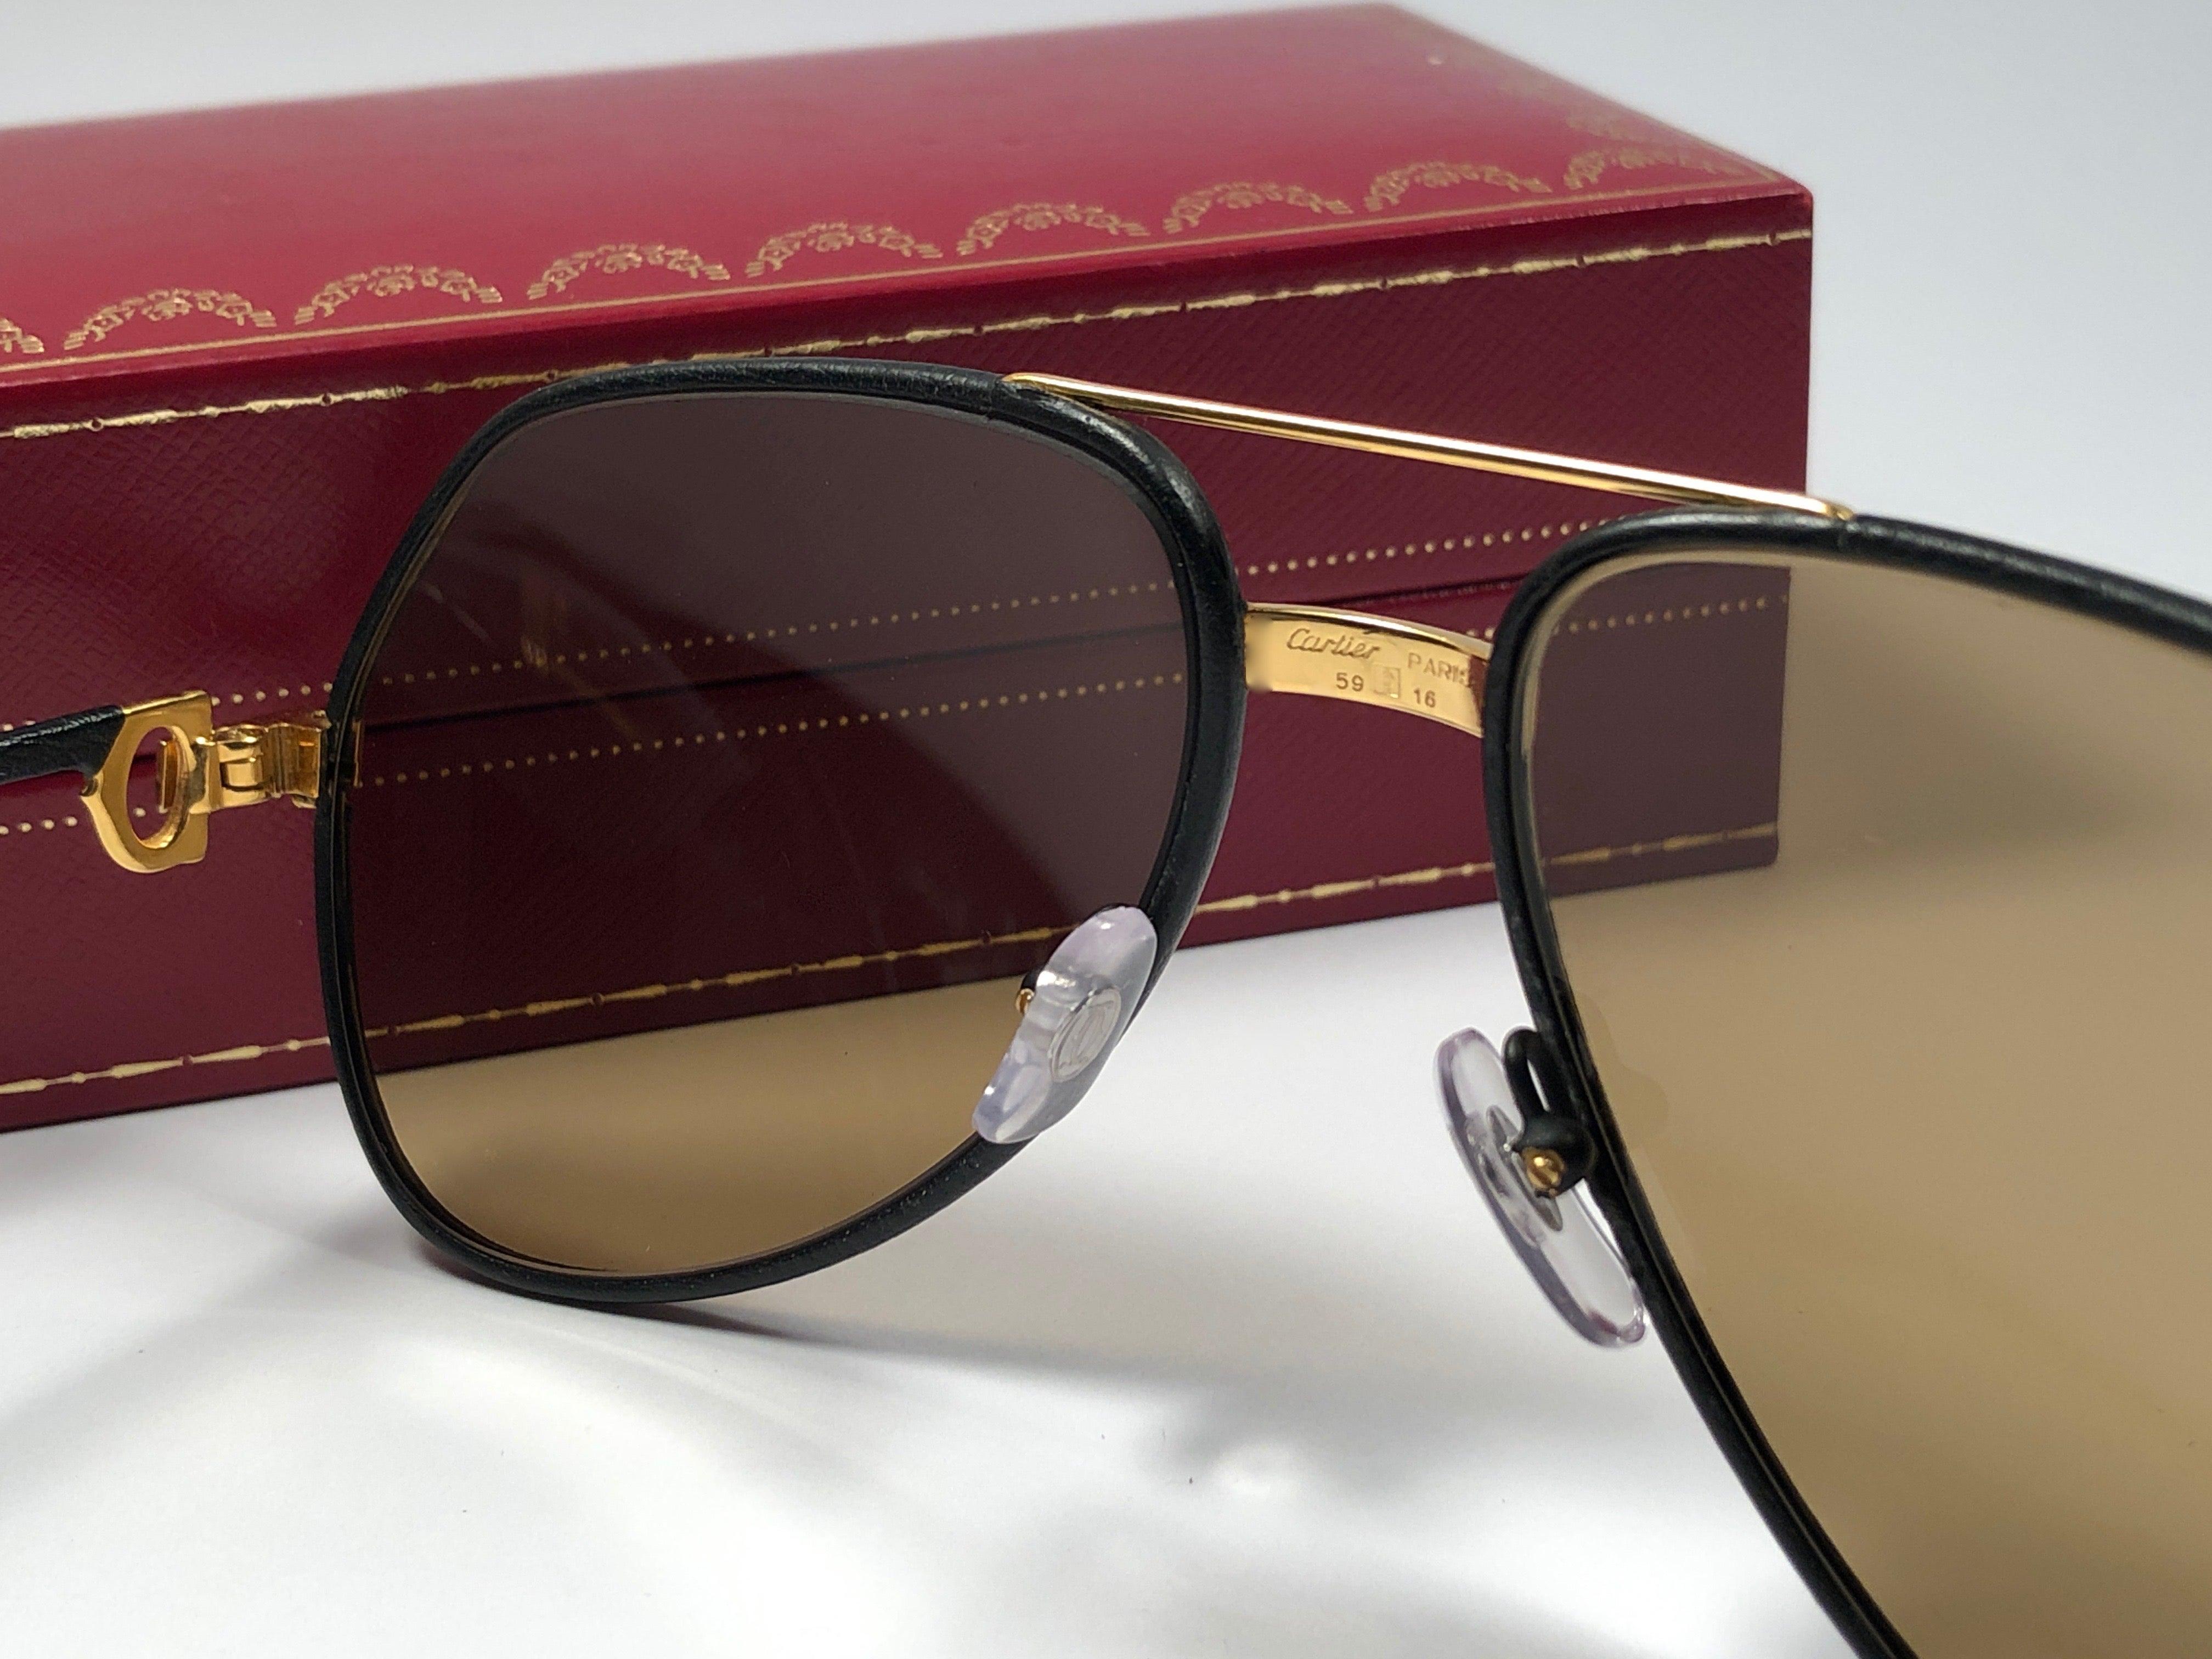 2526842af1 Rare Vintage Cartier Santos Screws Leather Edition 59mm 18K Sunglasses  France For Sale at 1stdibs